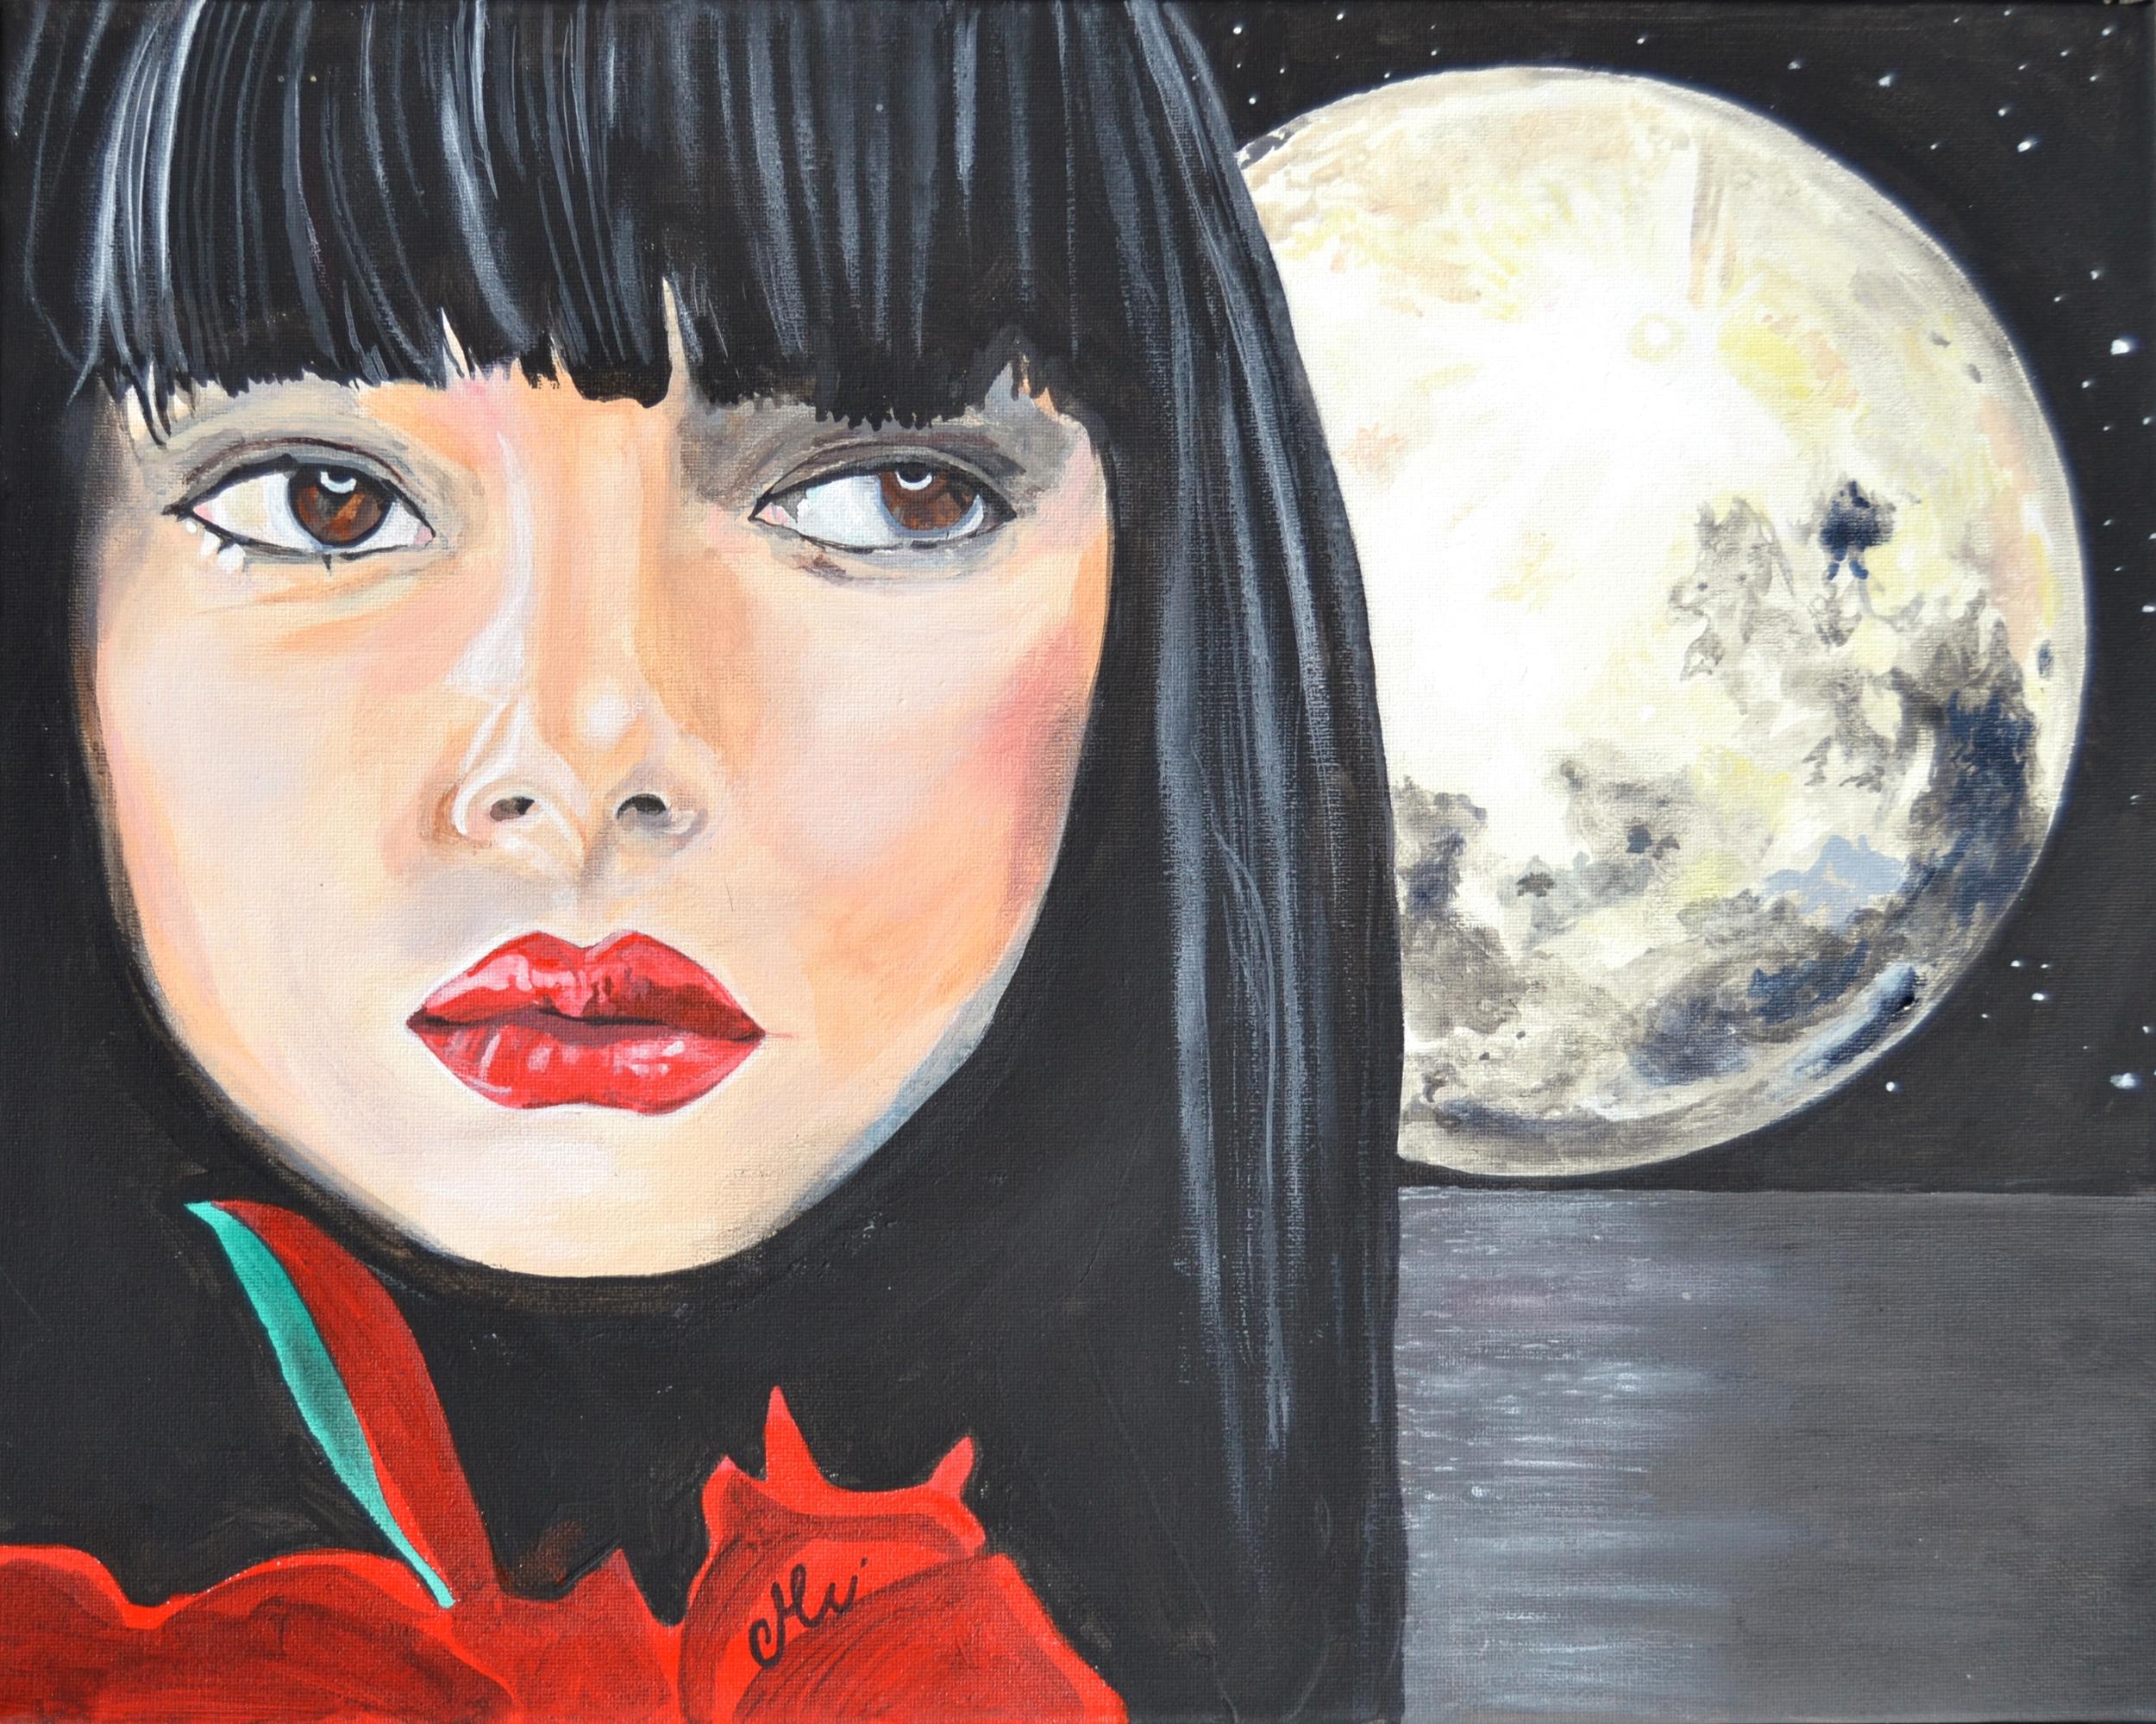 affiche poster photo art artiste femme lune noir rouge mer nuit